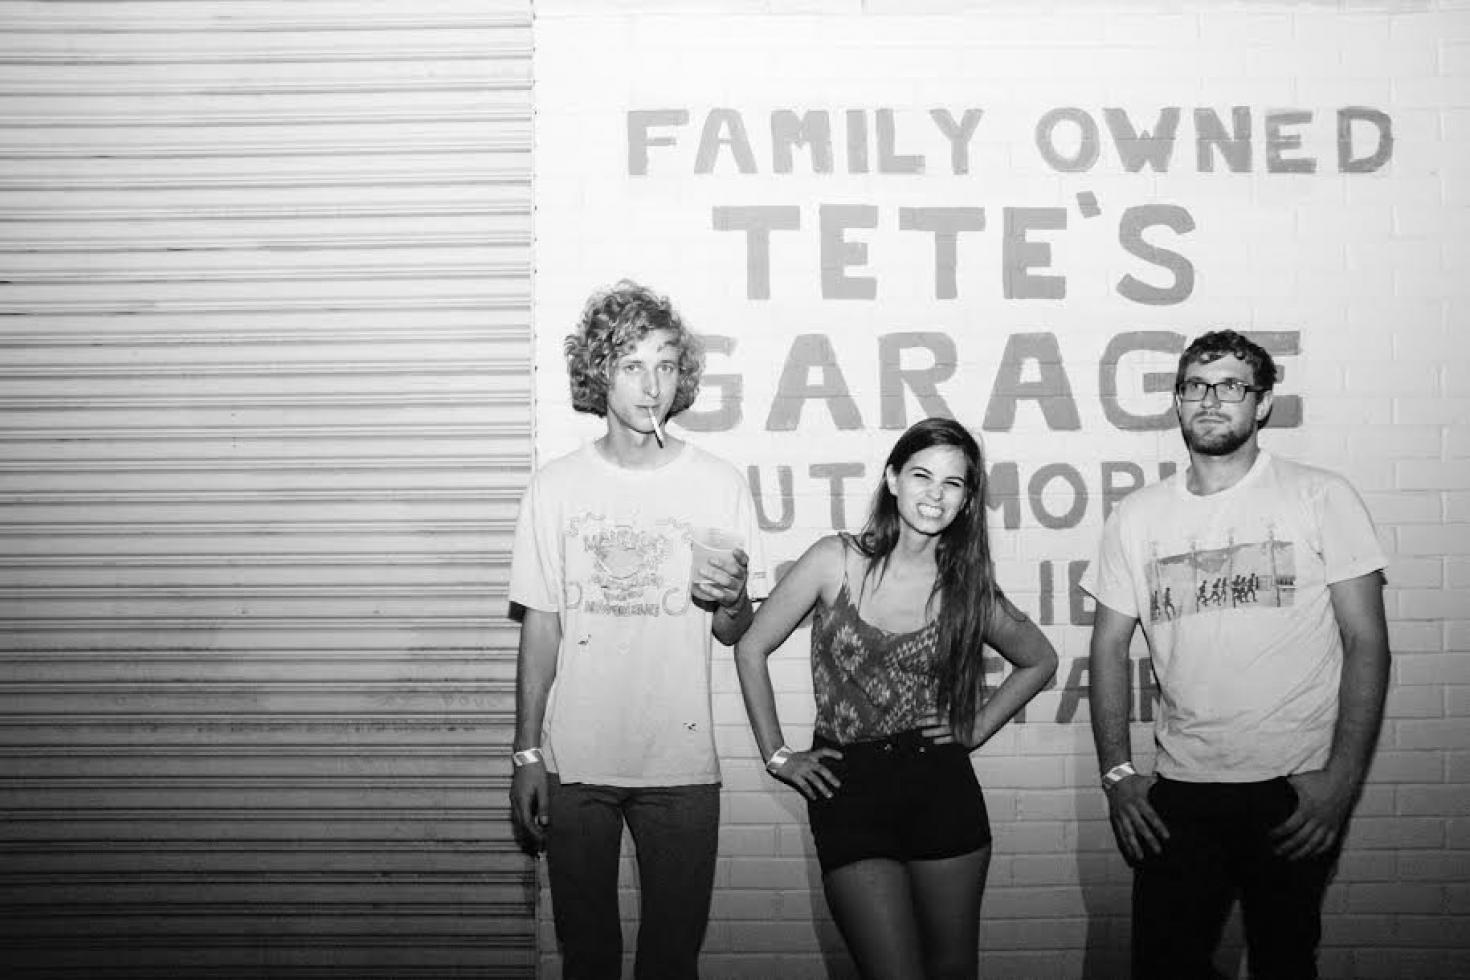 Trampoline Team release self-titled full-length